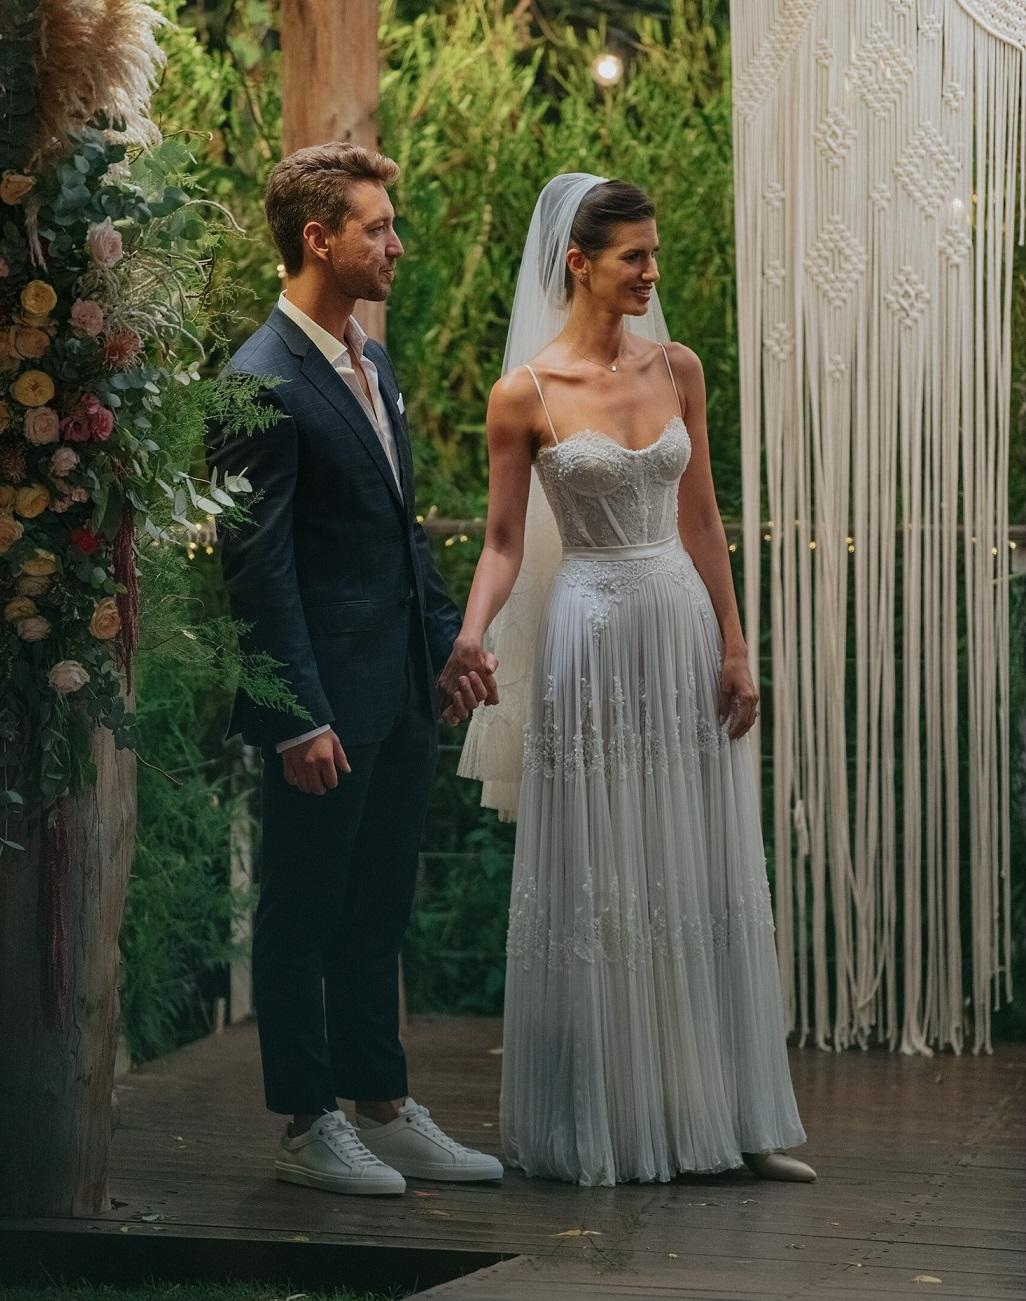 הדר ברייר בשמלת כלה של המעצב אריאל טולדנו צילום קובי מהגר